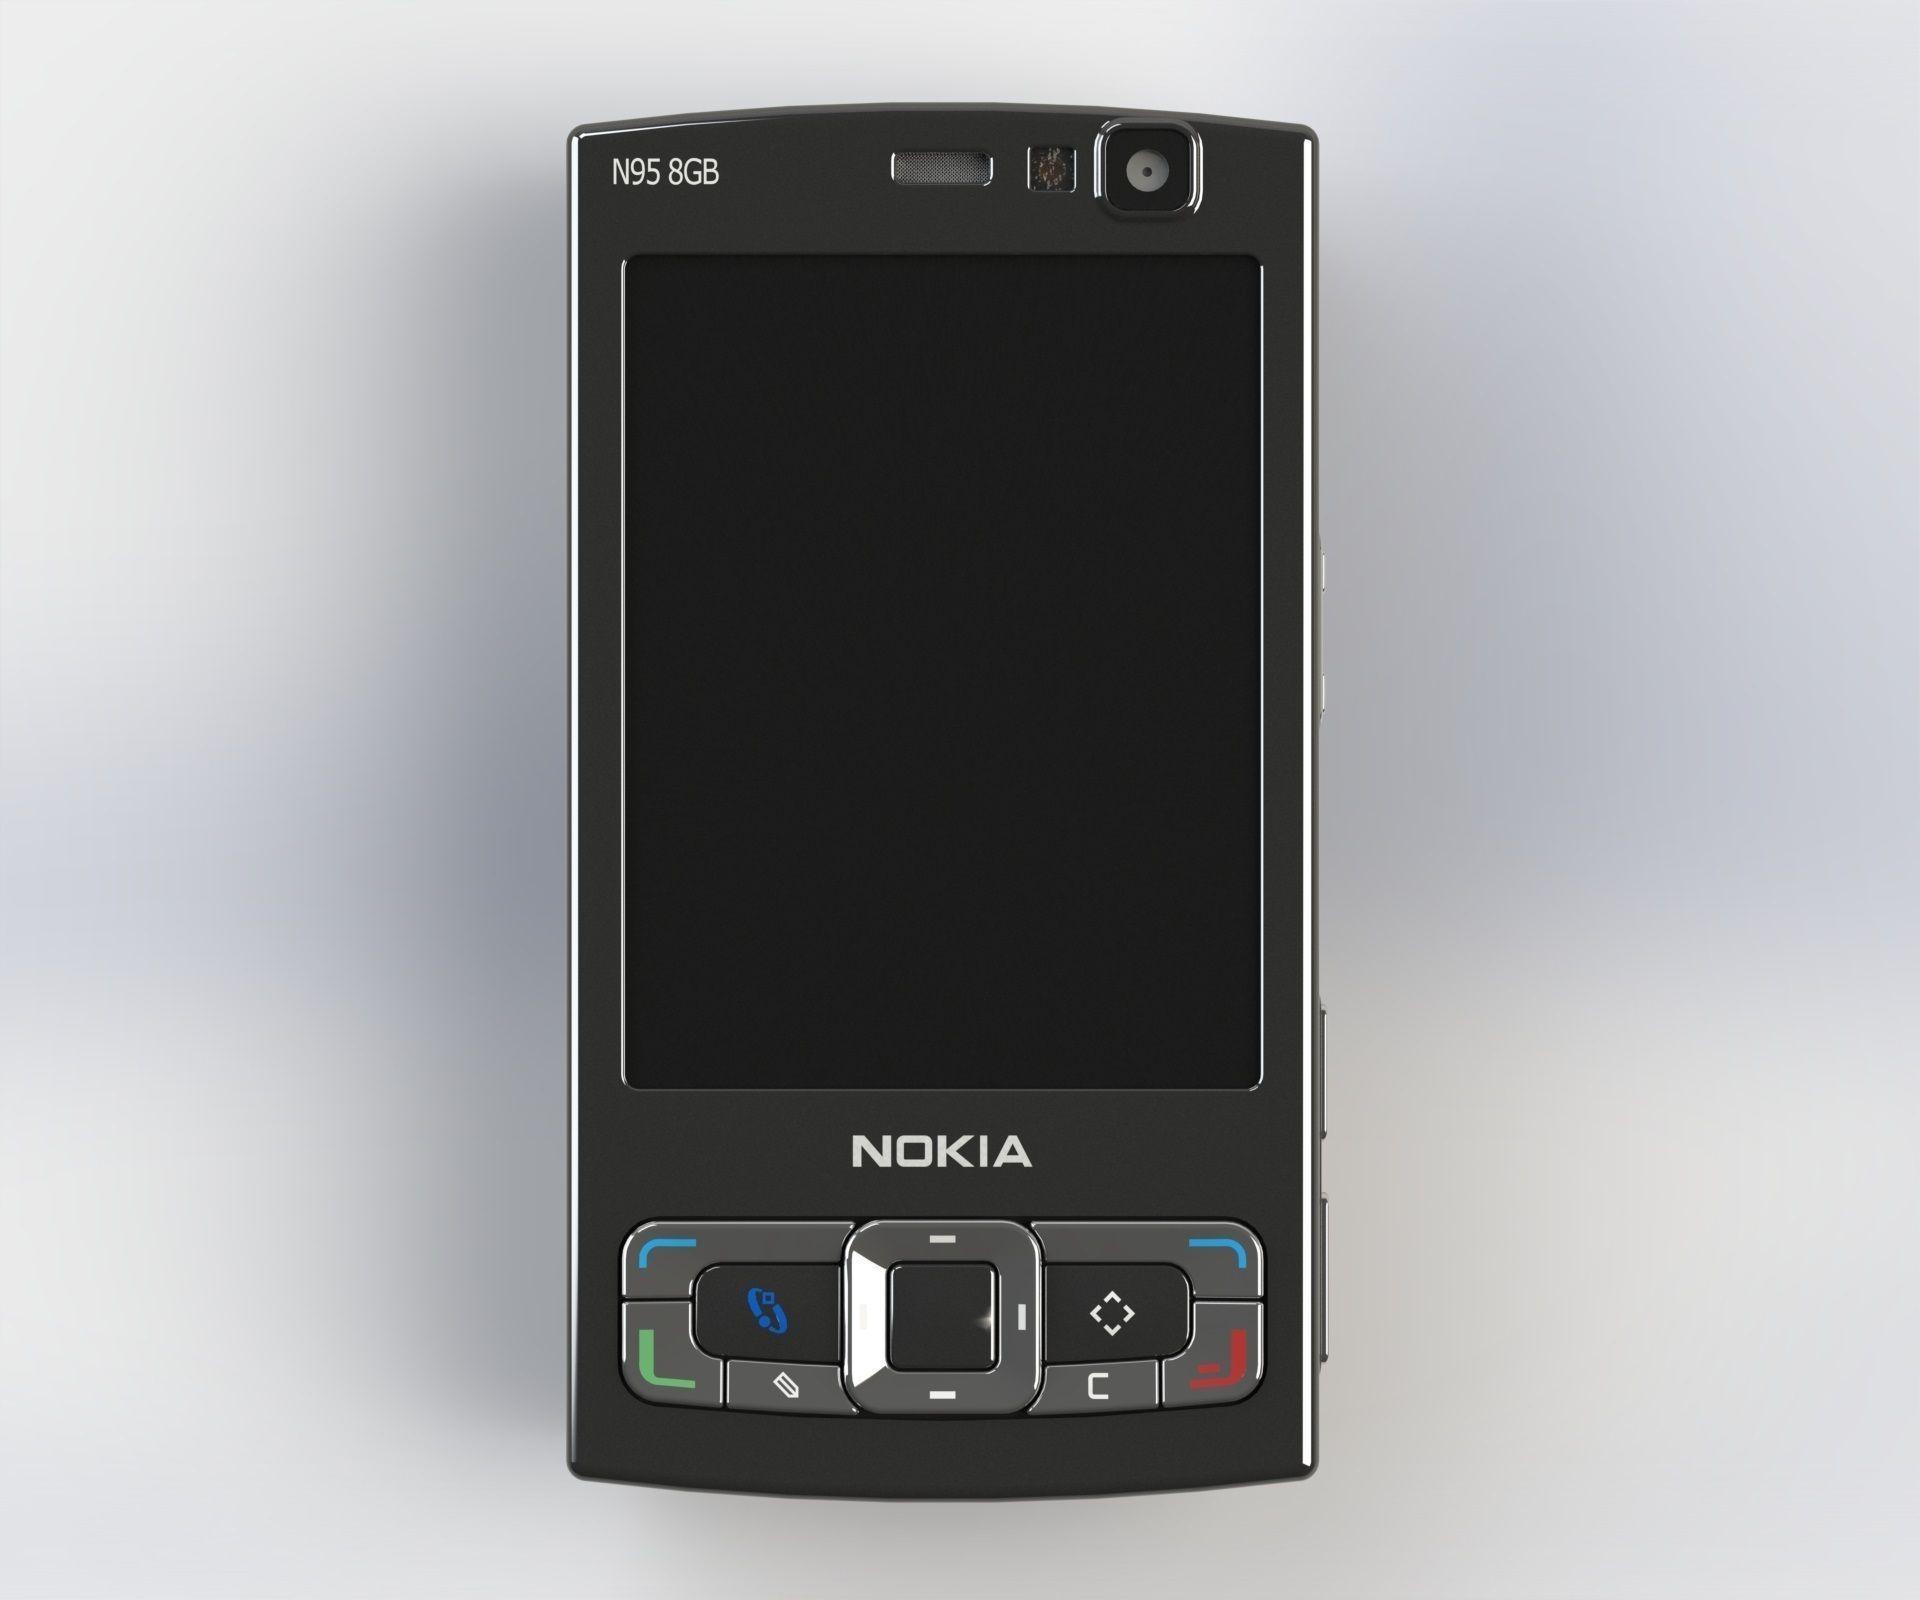 nokia n95 8gb animated